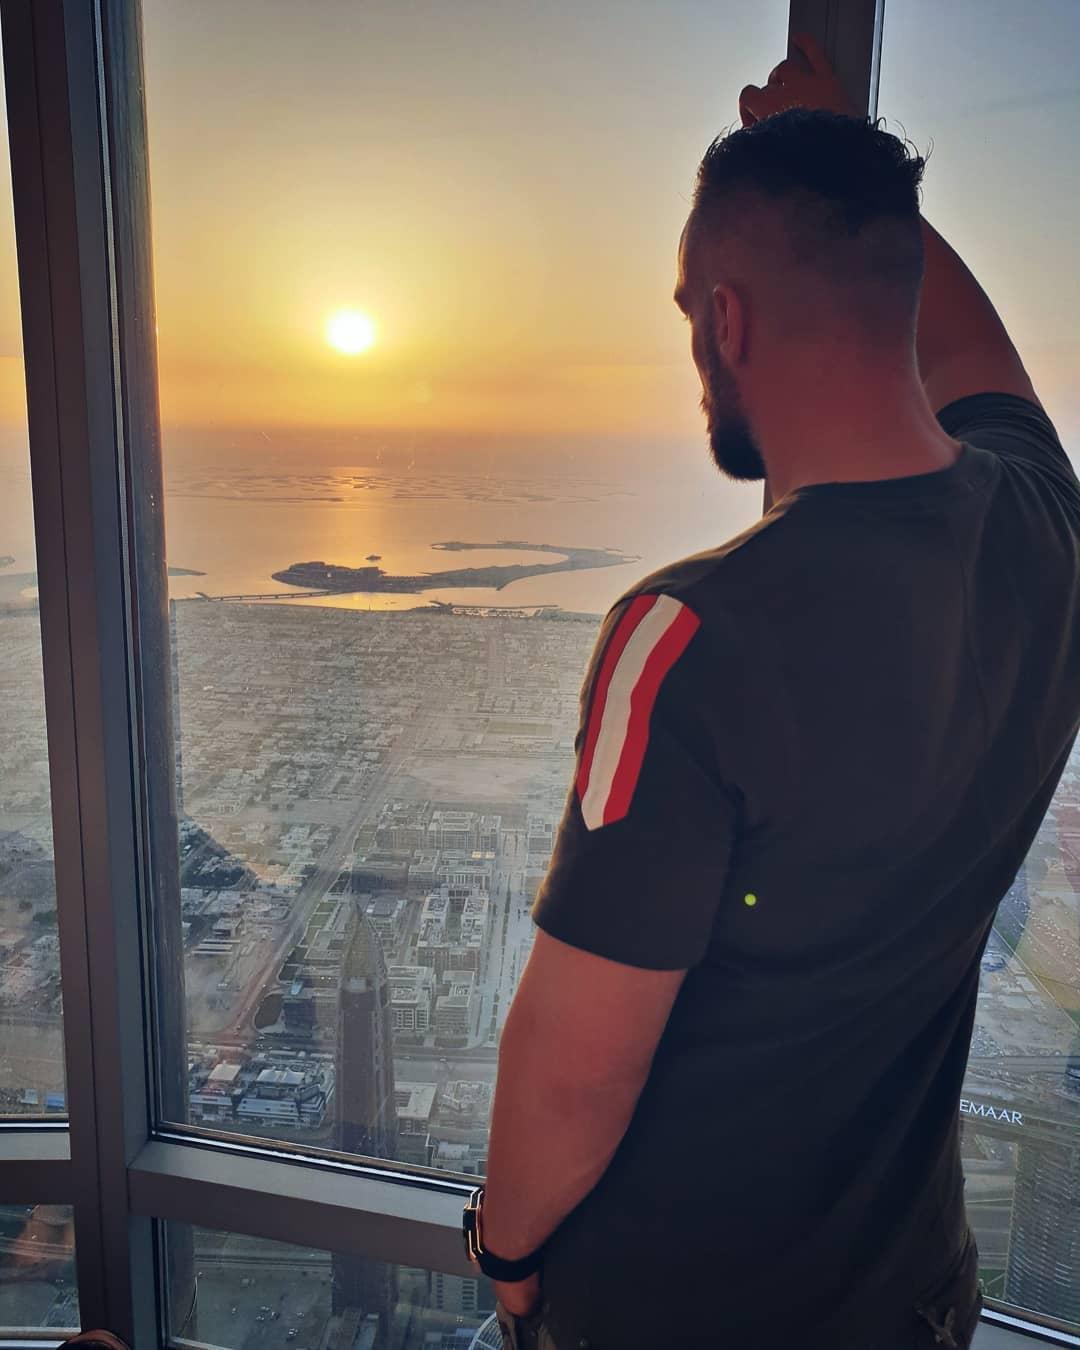 Das Leben ist wie eine Ladung Sperma… man weiß nie, wohin es geht und wieviel dabei herauskommt… . #dubai #burjkhalifa #sun #sunset #onthetop #mood #feeling #quote #copyright #by #me #ataque #ataqueclothing #skyline #ocean #hublot #instagood #instalike #potd #l4l #followme